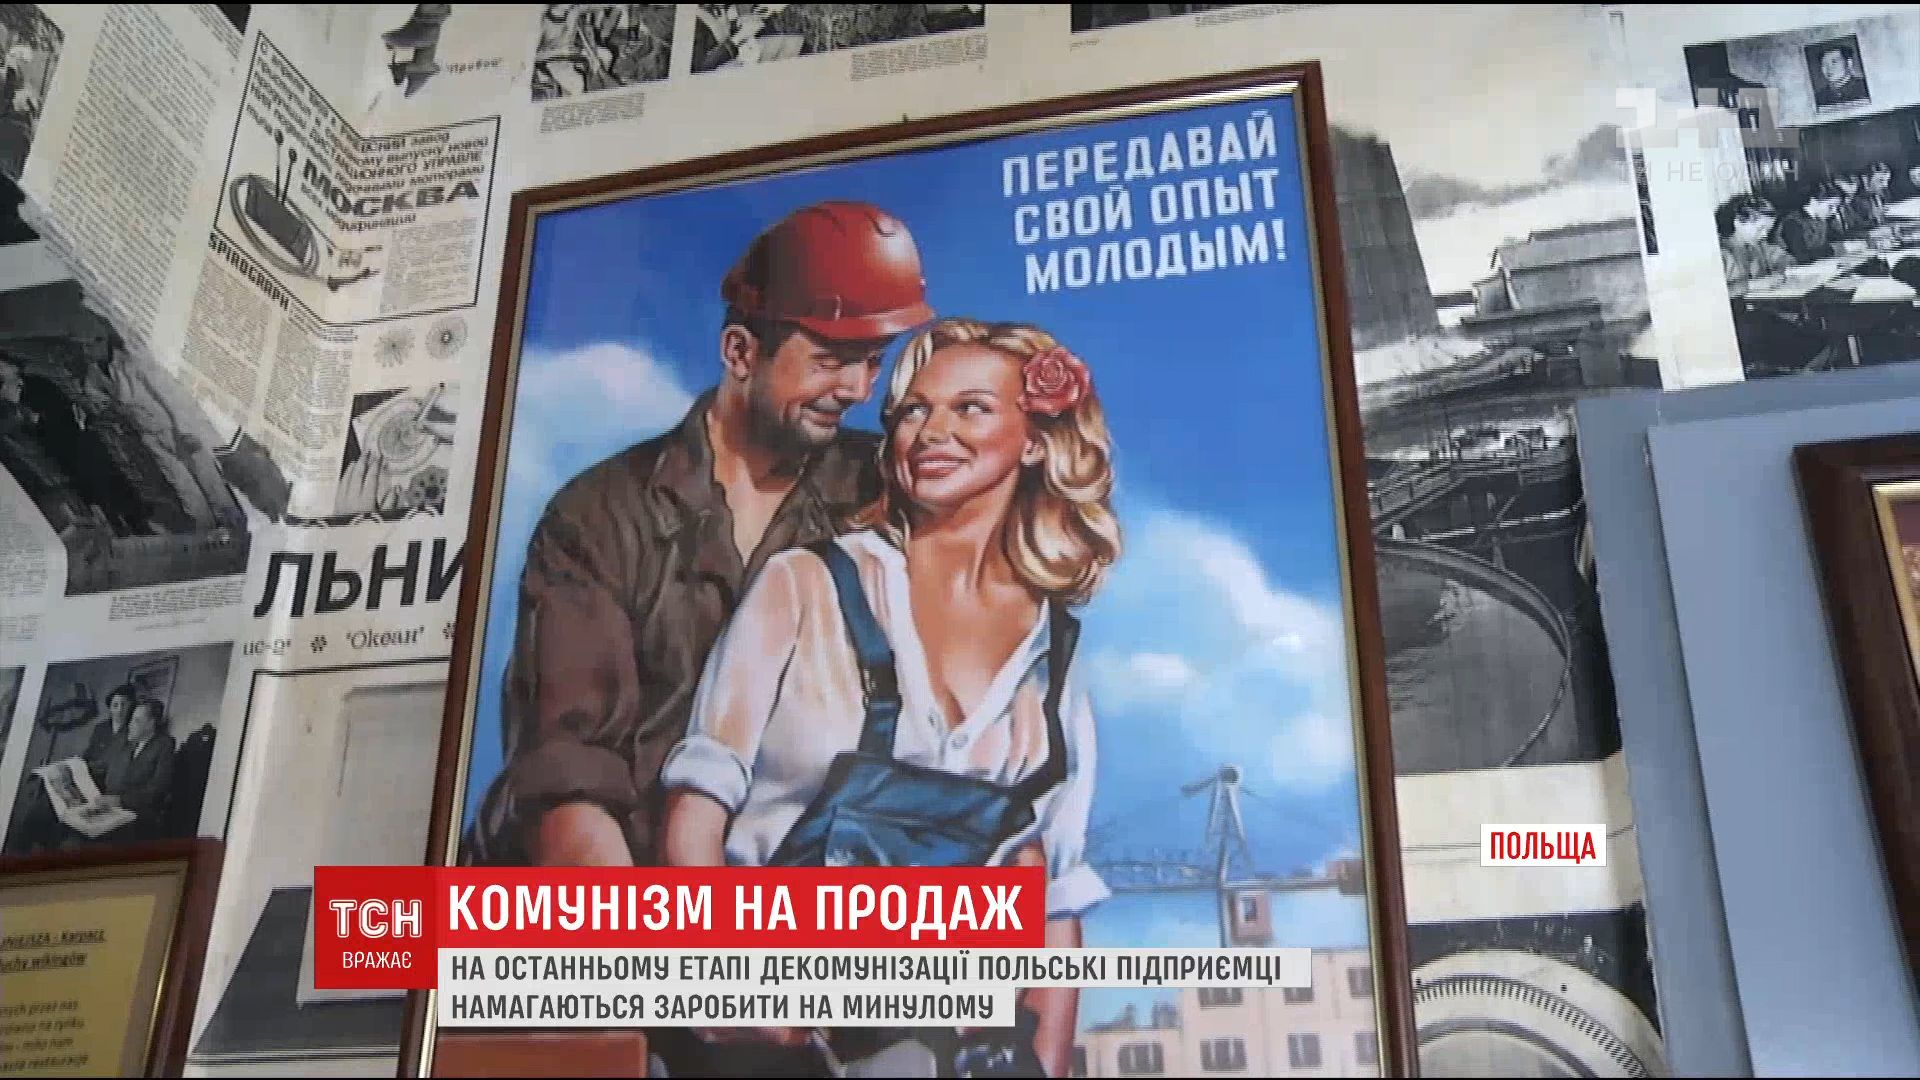 Поляки заробляють на комуністичному минулому / Скріншот